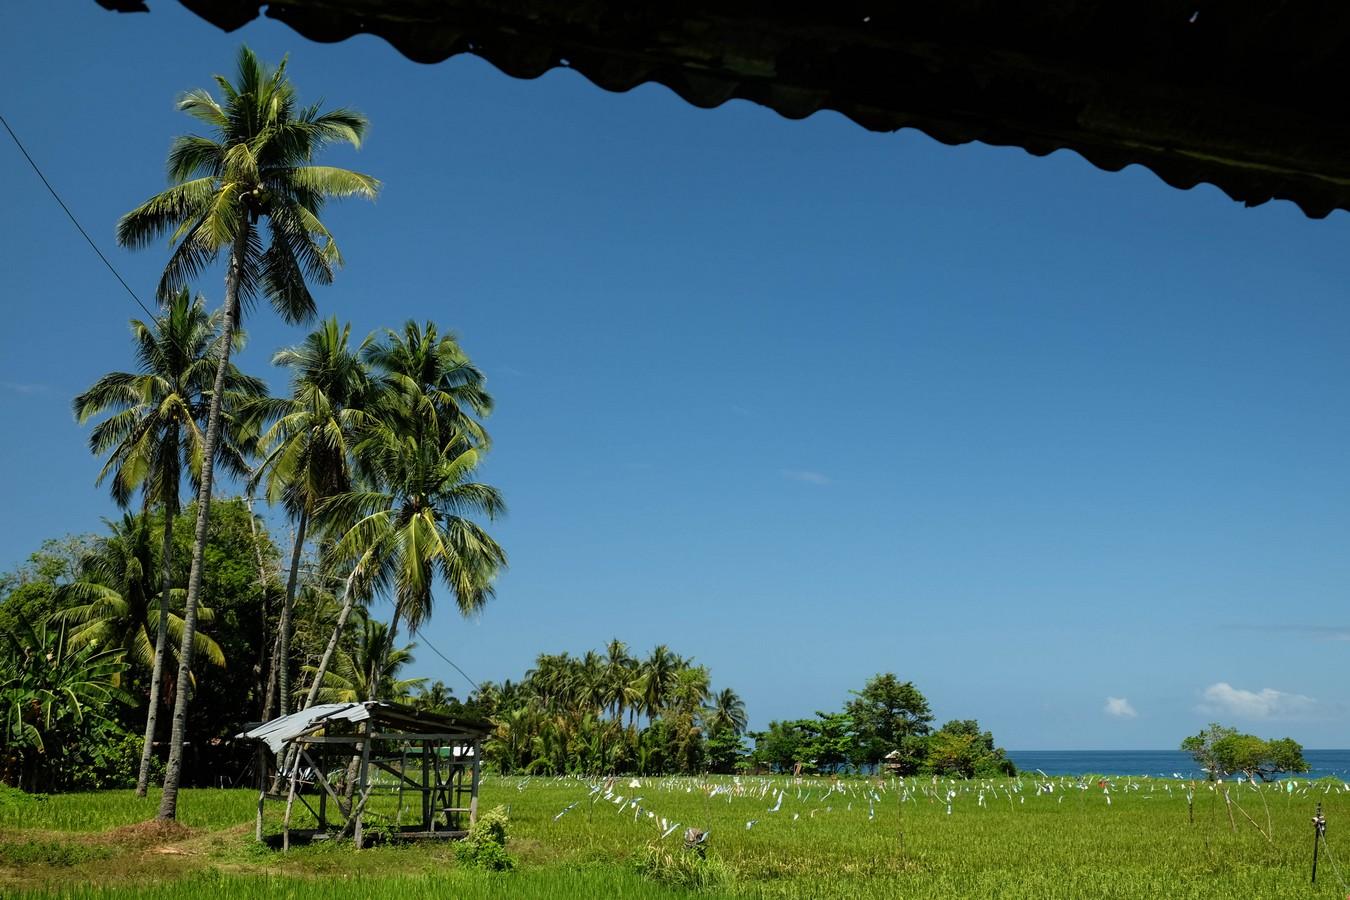 Photo du vert tendre des rizières de Camiguin tranchant avec le bleu du ciel et de la mer.